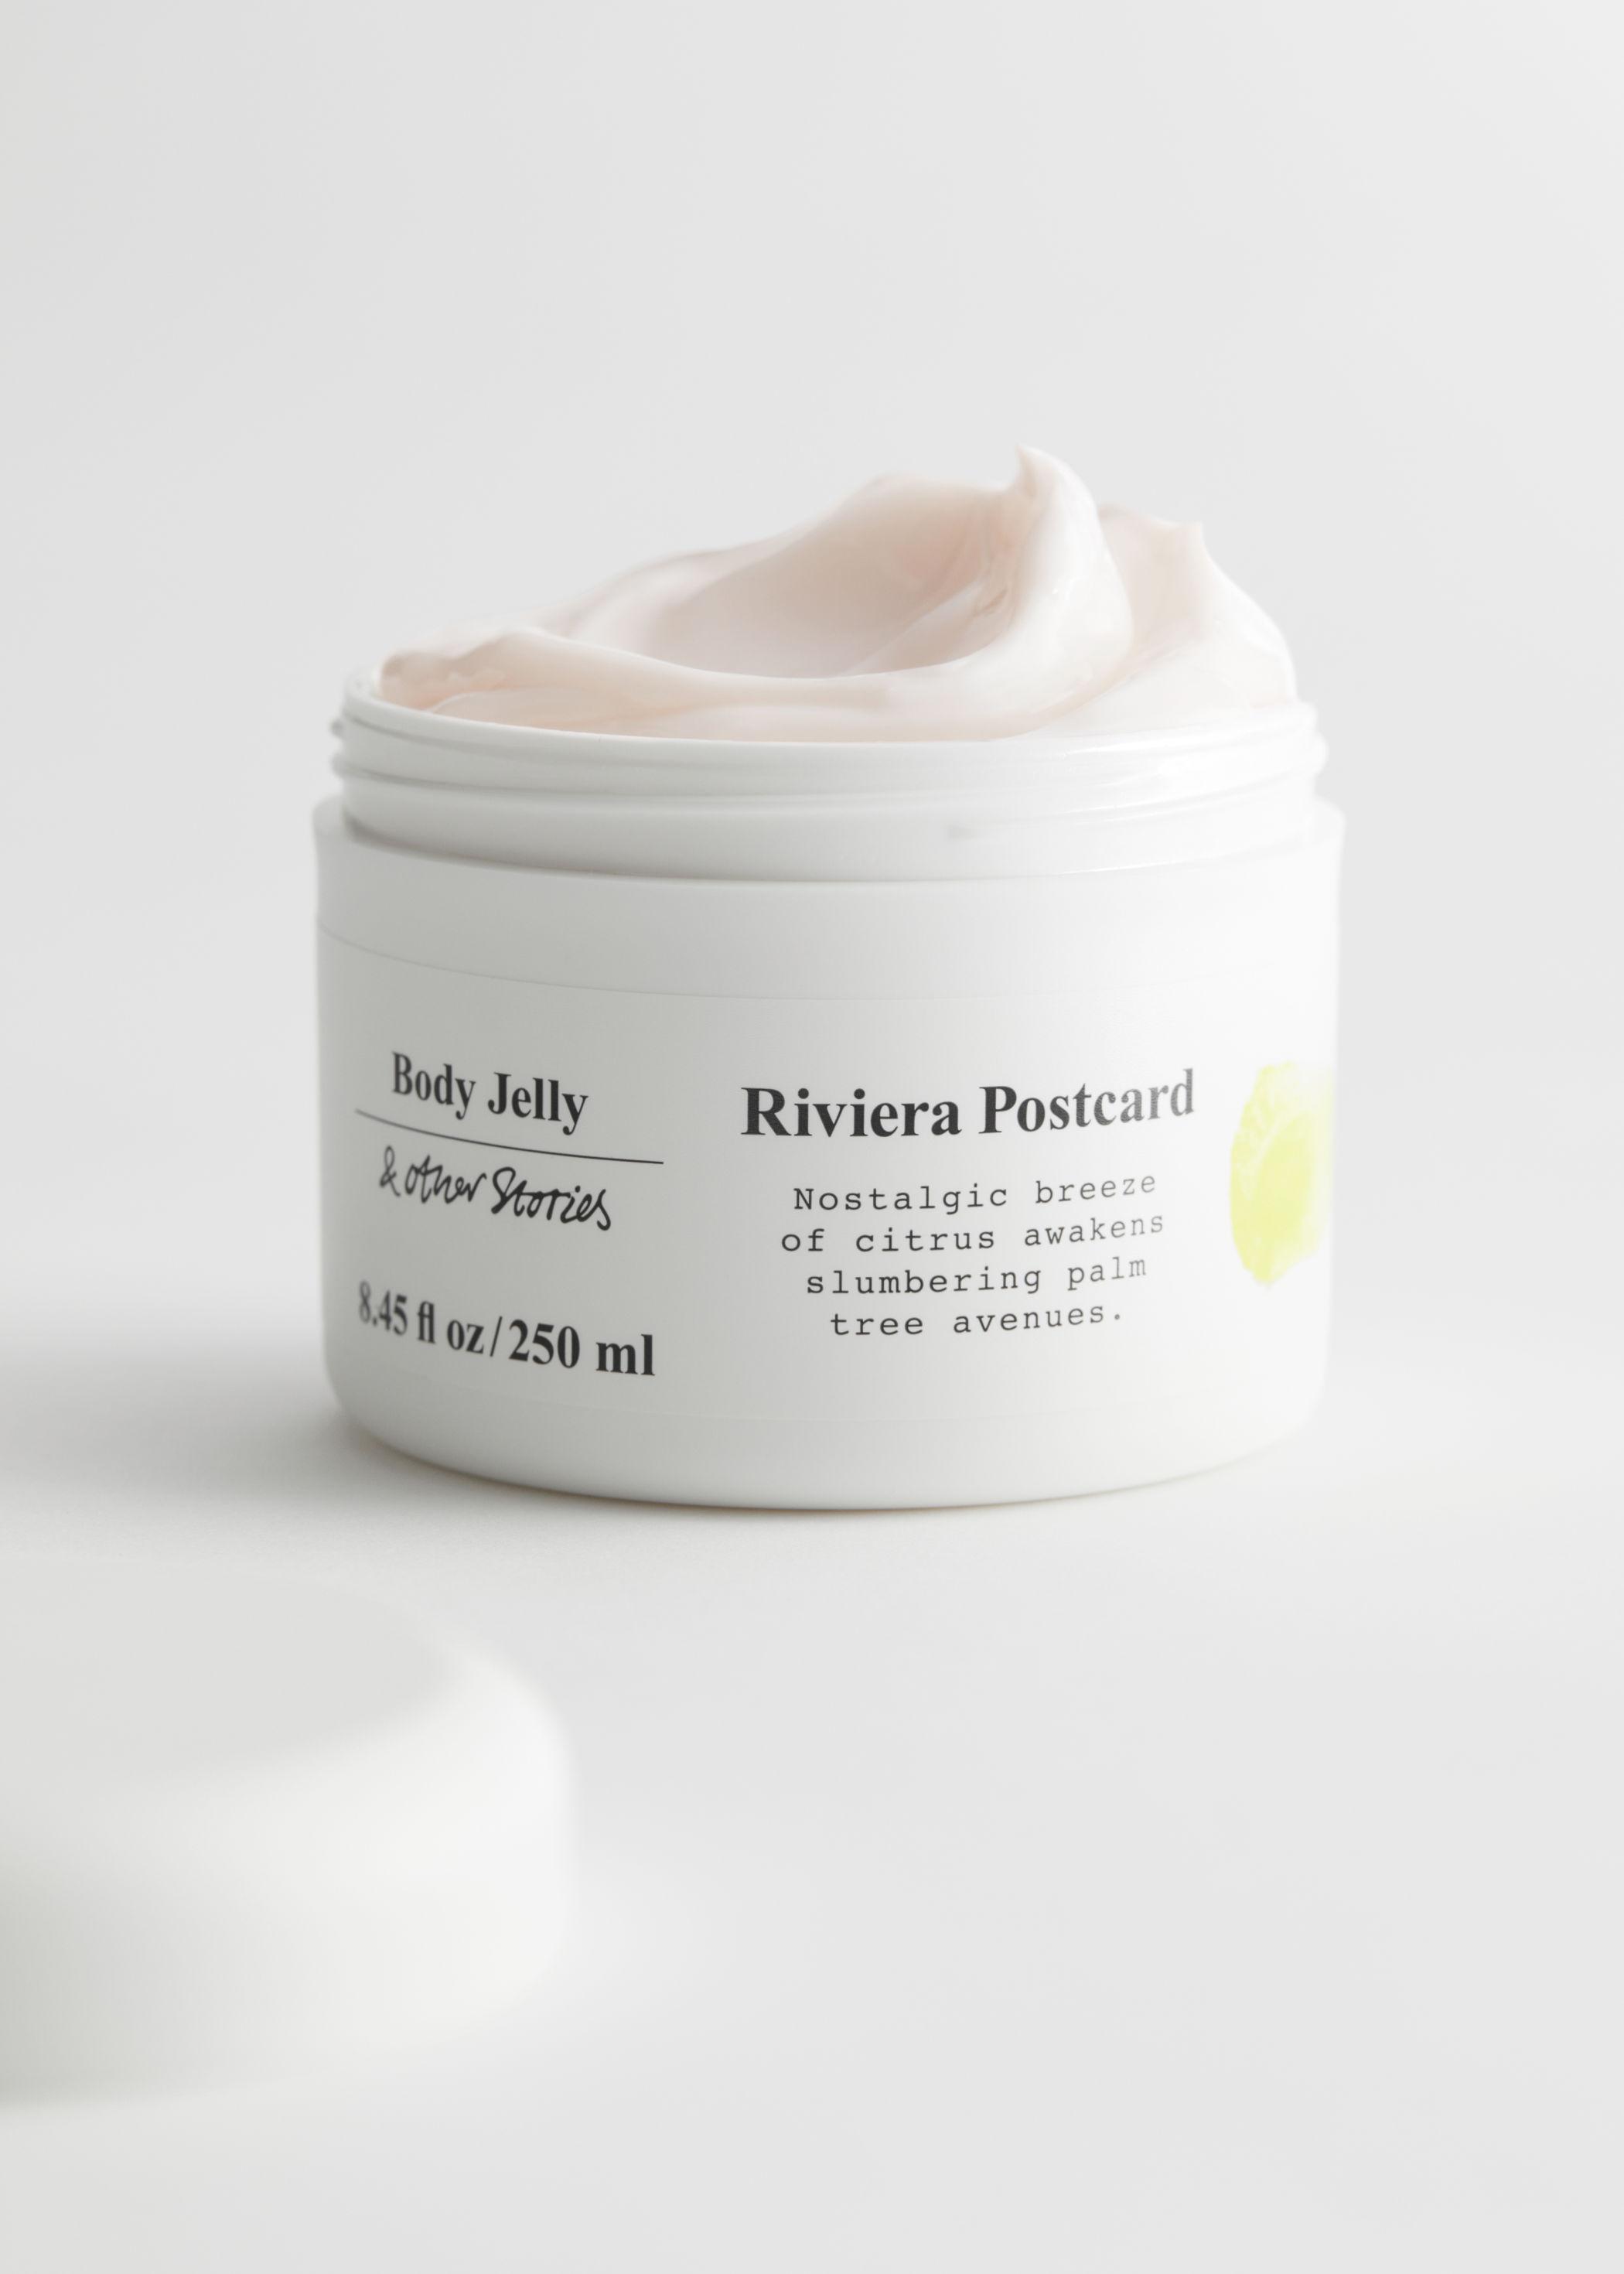 앤 아더 스토리즈 바디 젤리 리비에라 포스트카드 250ml & OTHER STORIES Riviera Postcard Body Jelly